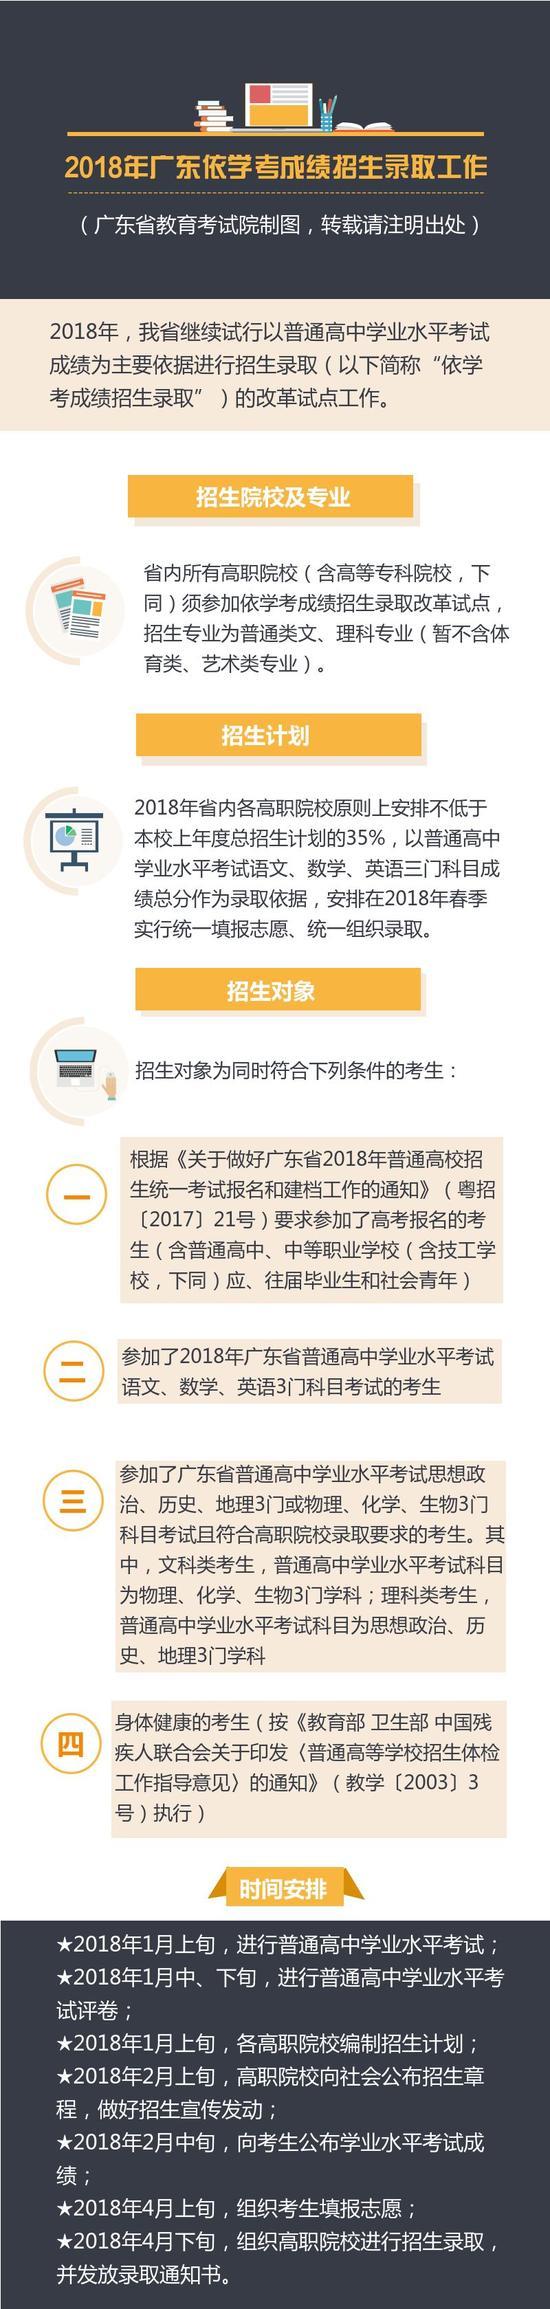 2018年广东依学考成绩招生录取工作即将启动